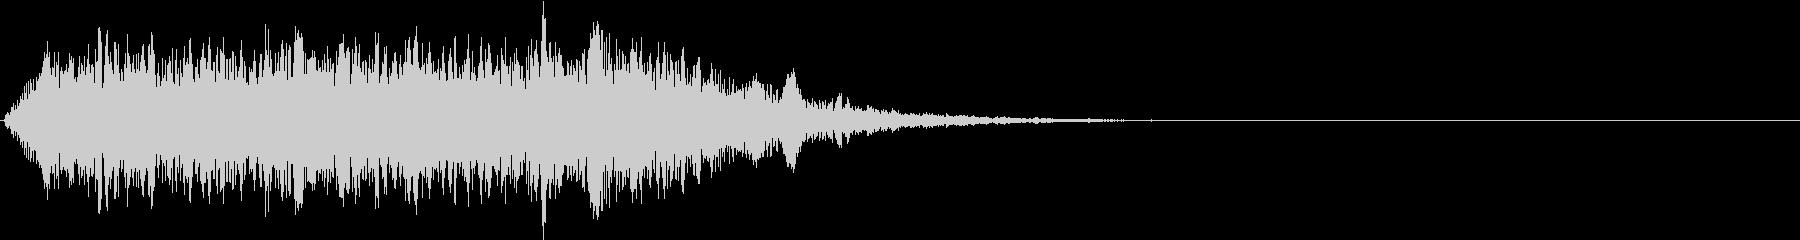 柔らかいサイレン音の未再生の波形